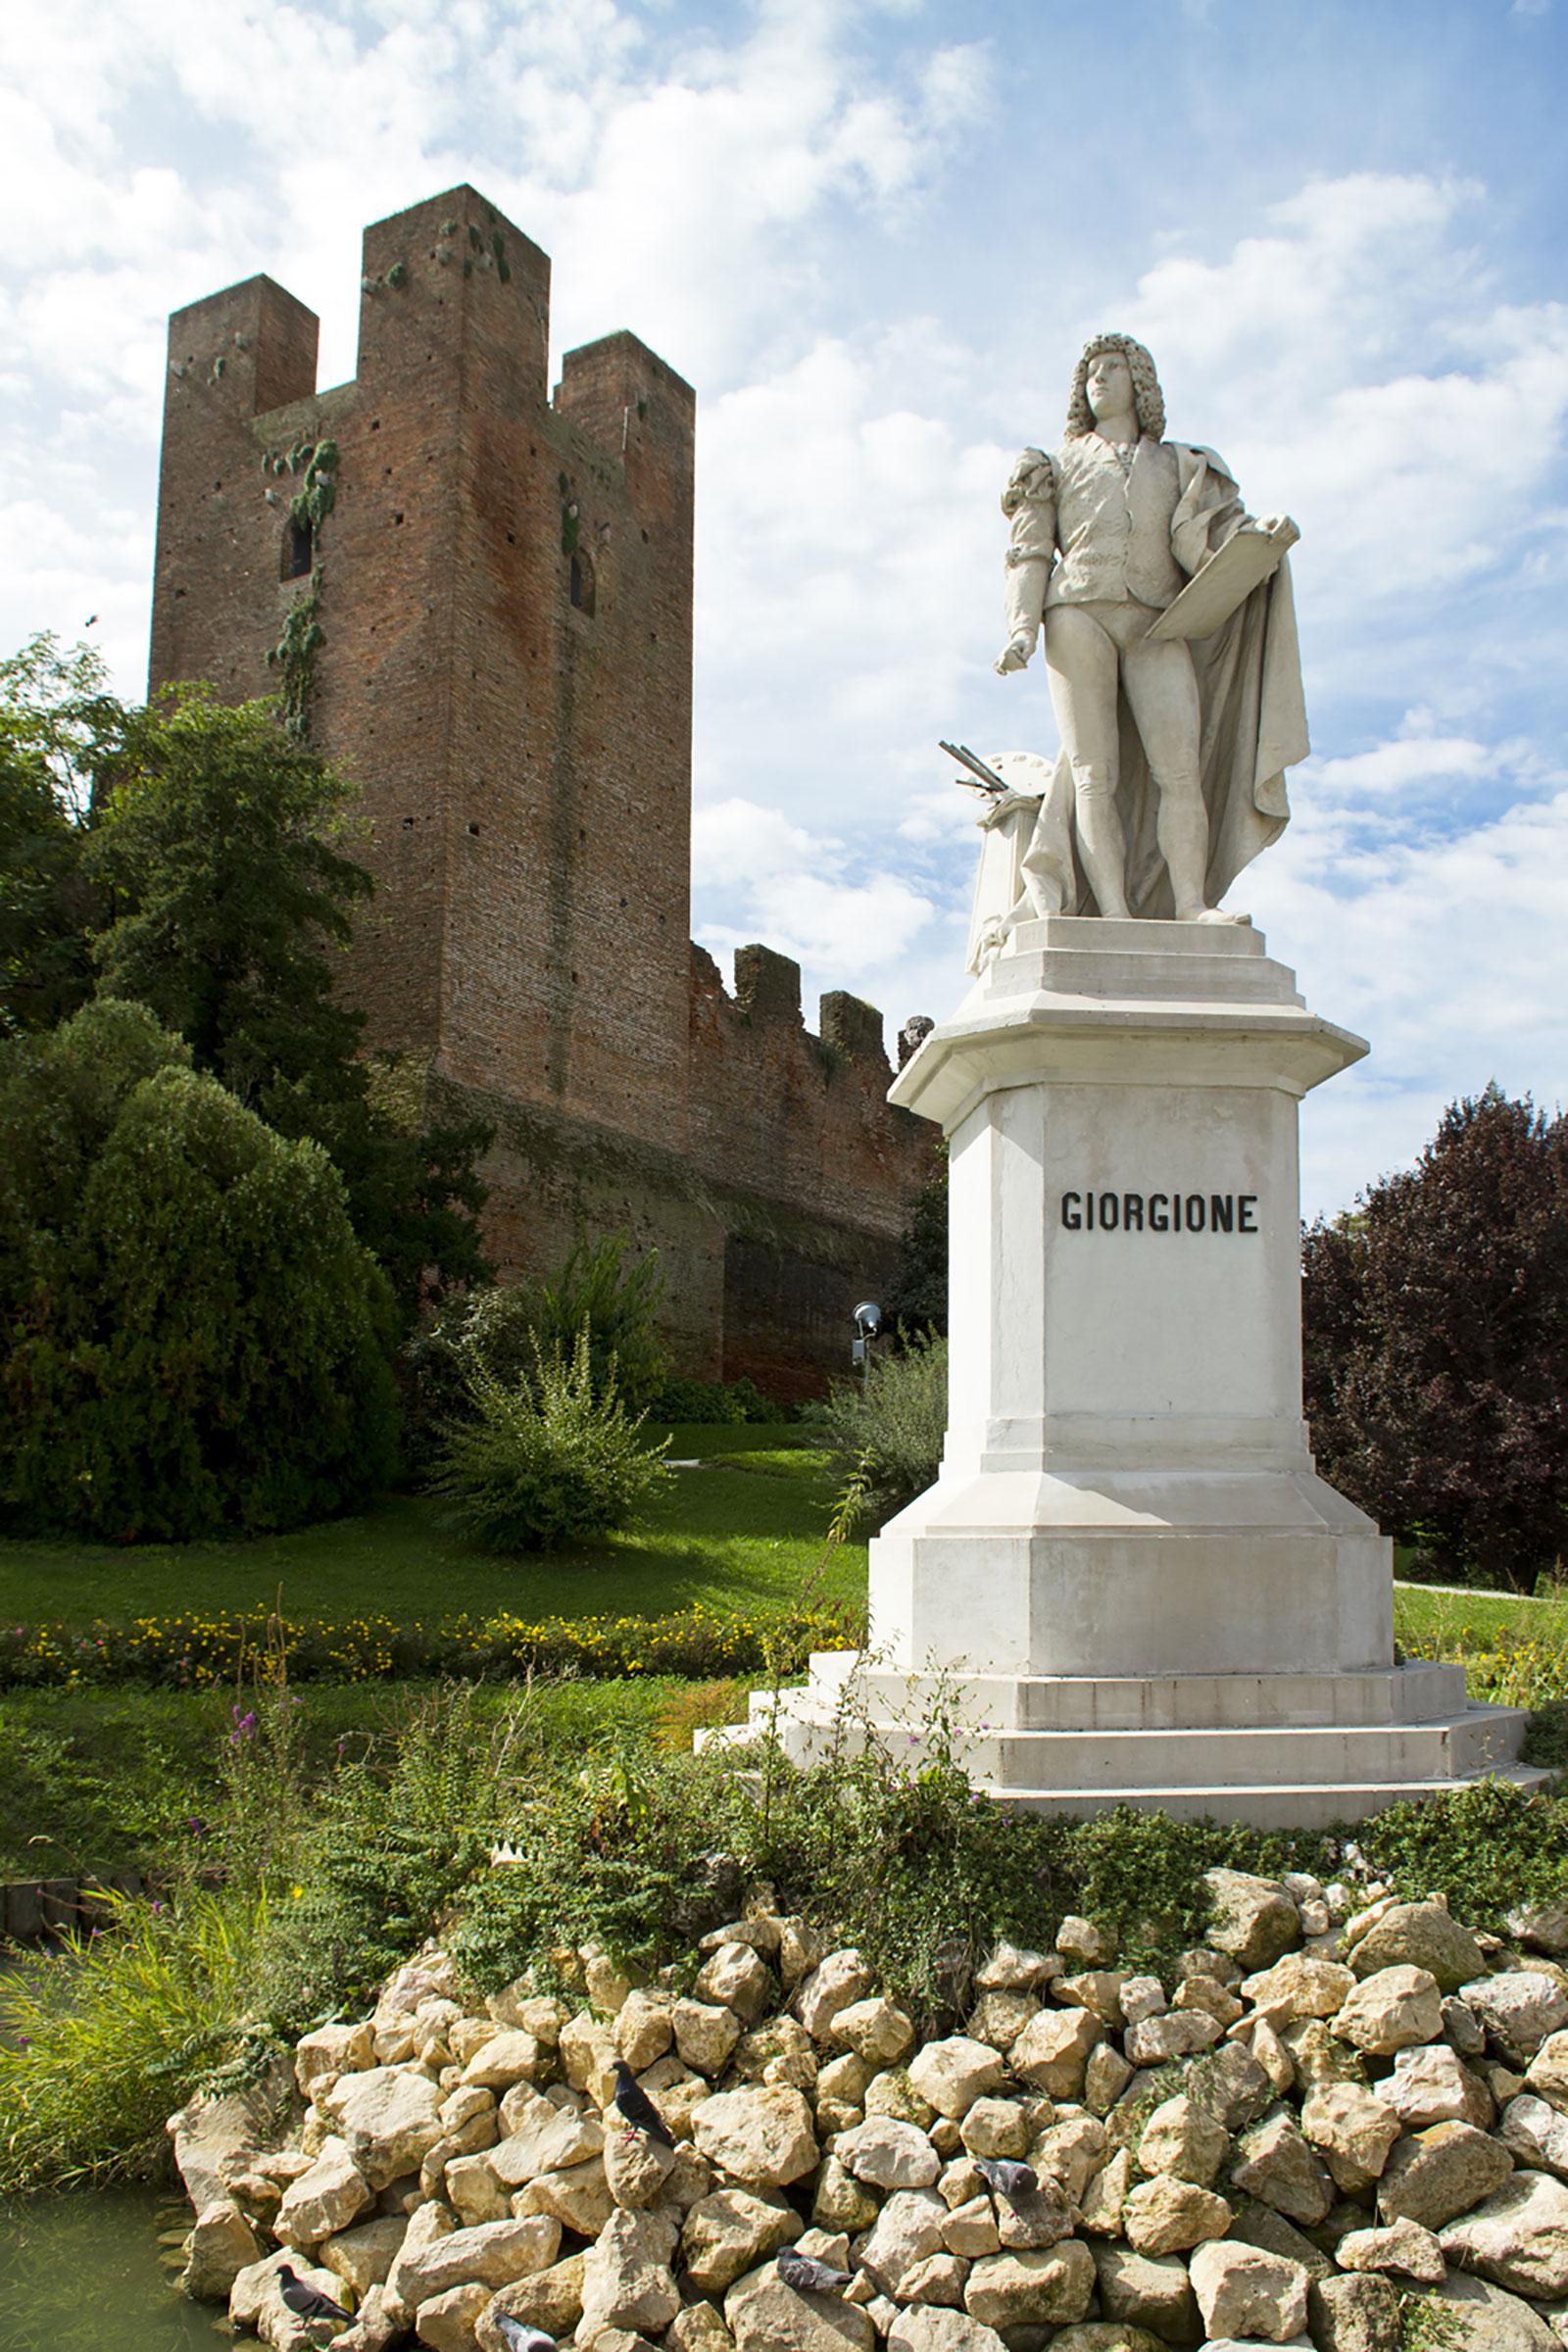 11-Castelfranco-Statua-Giorgione-e-Torre